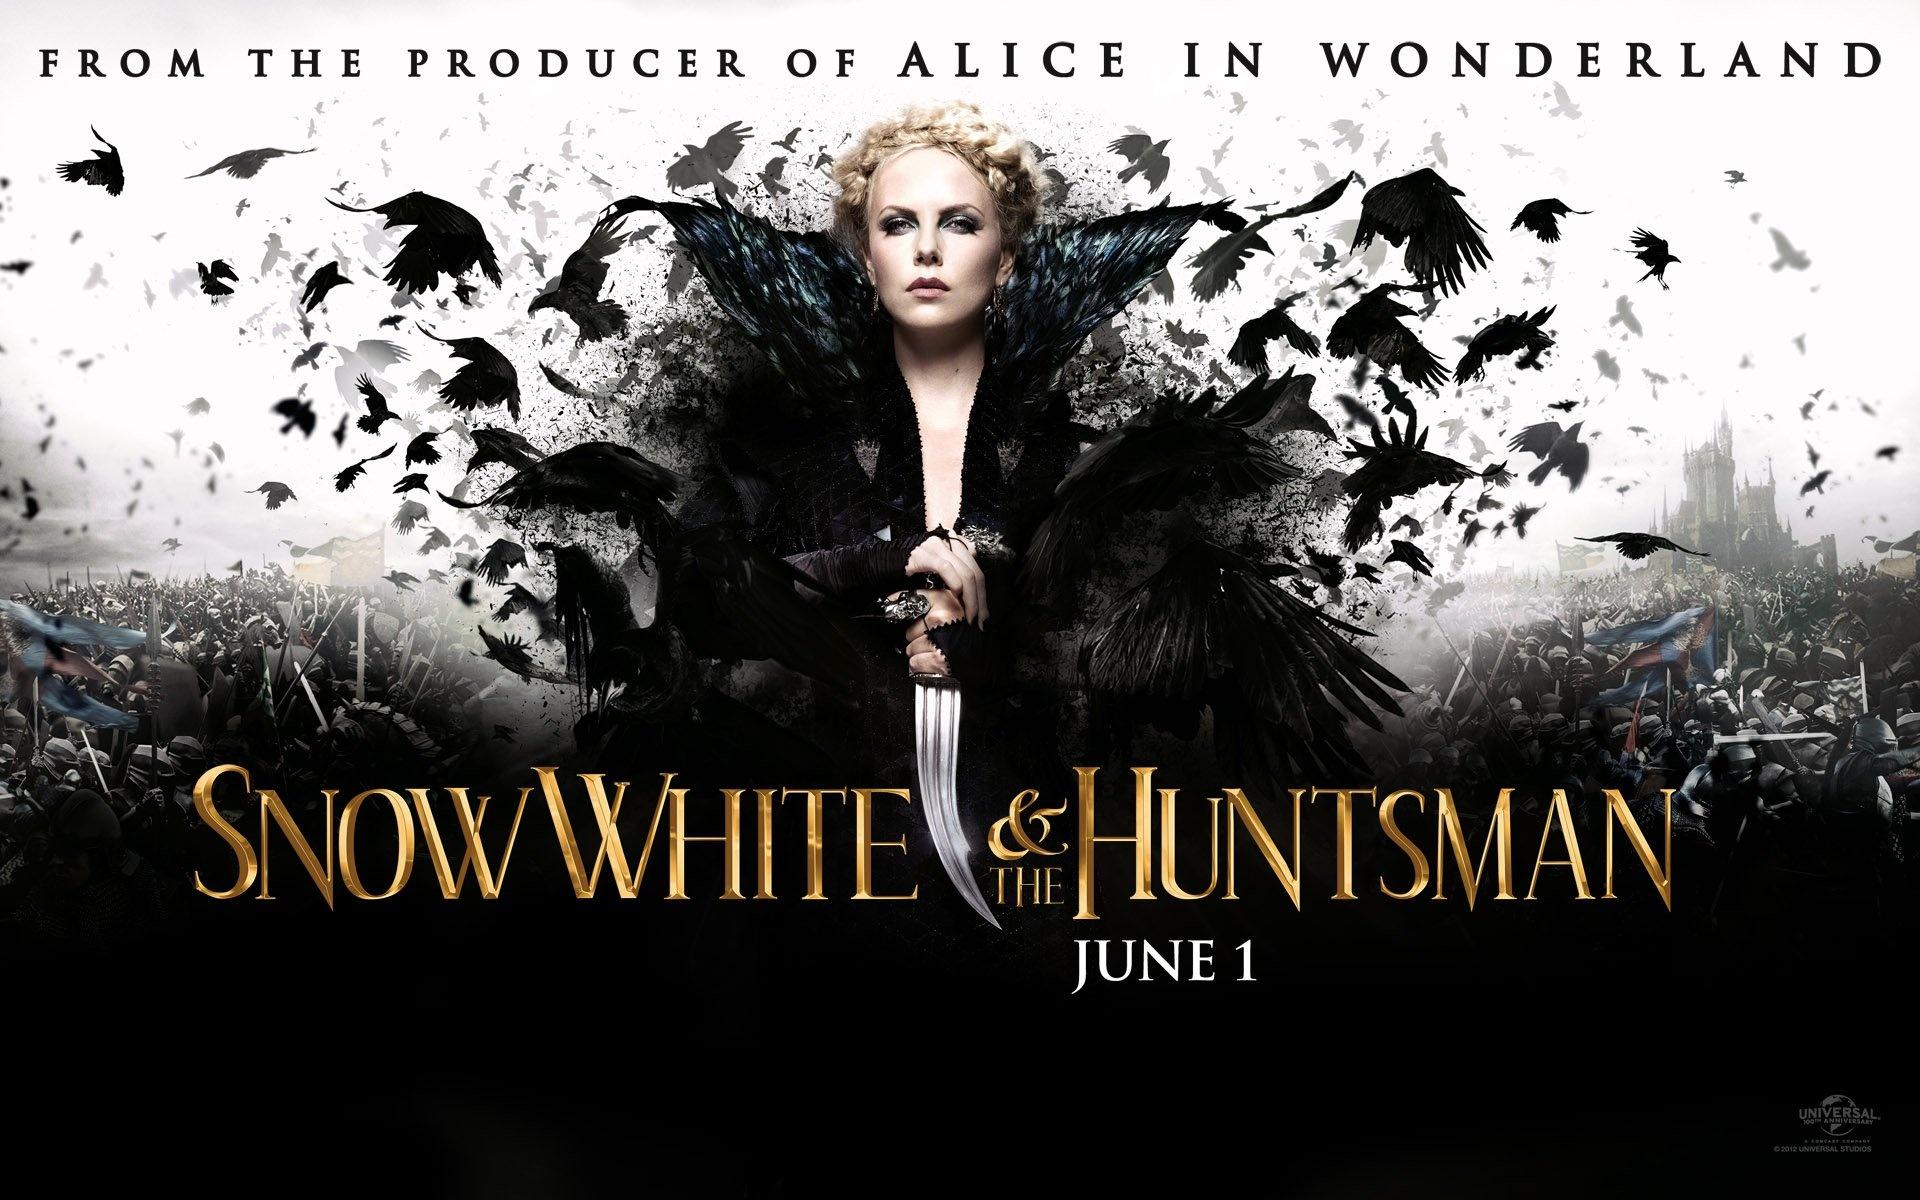 图库 电影海报 > 白雪公主与猎人